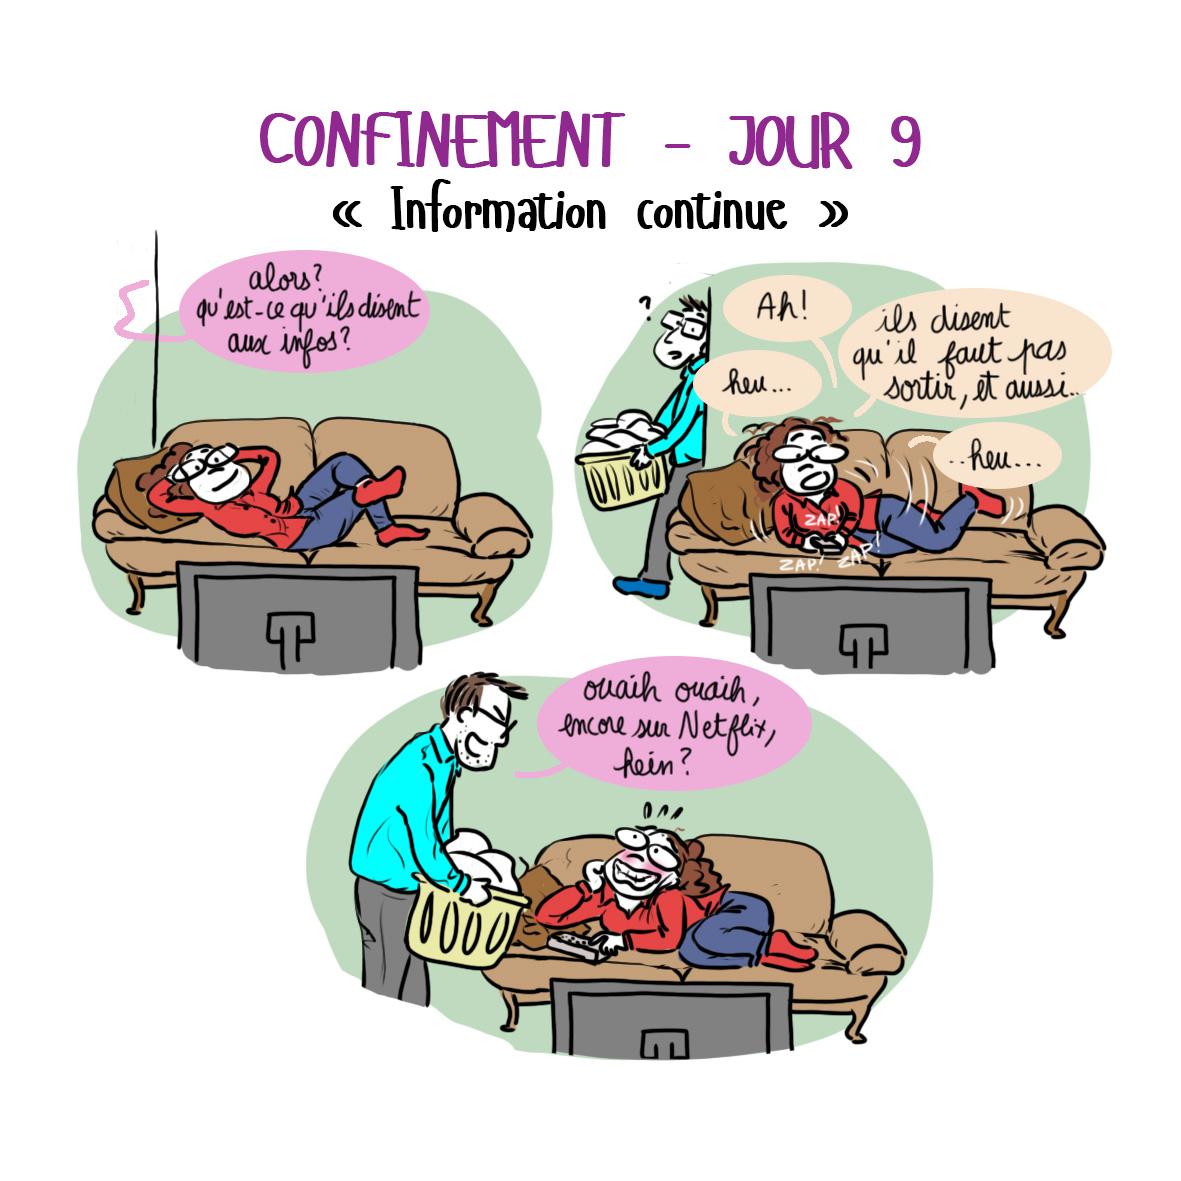 Journal de confinement - jour 9